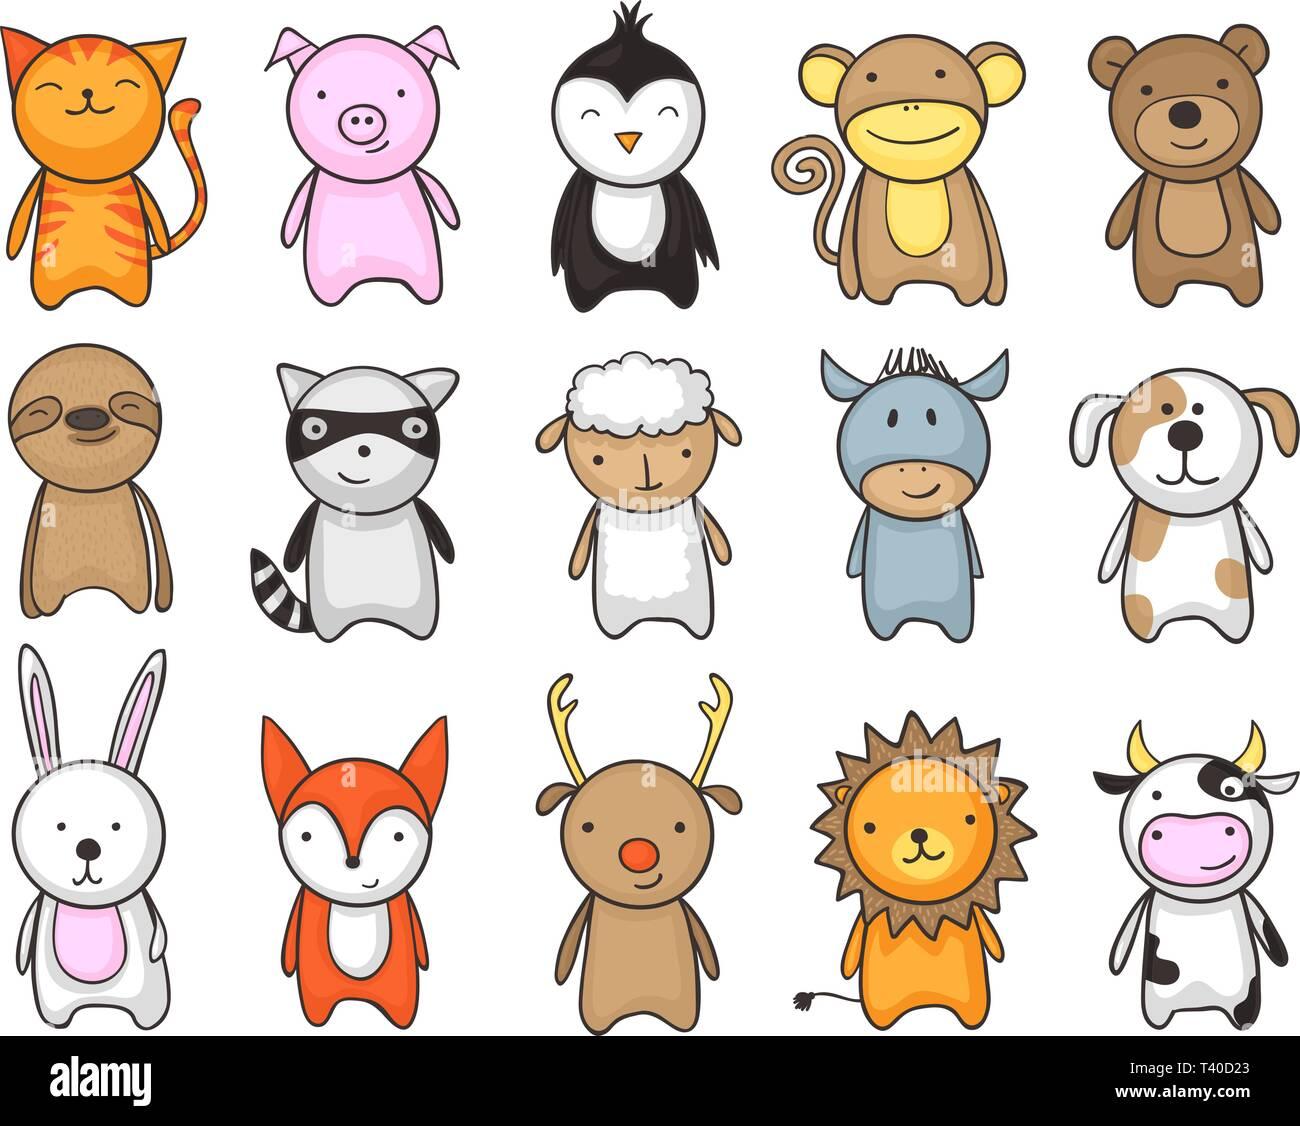 Dessin Enfantin Et Simple De Mignons Petits Animaux Pour Les Enfants Image Vectorielle Stock Alamy